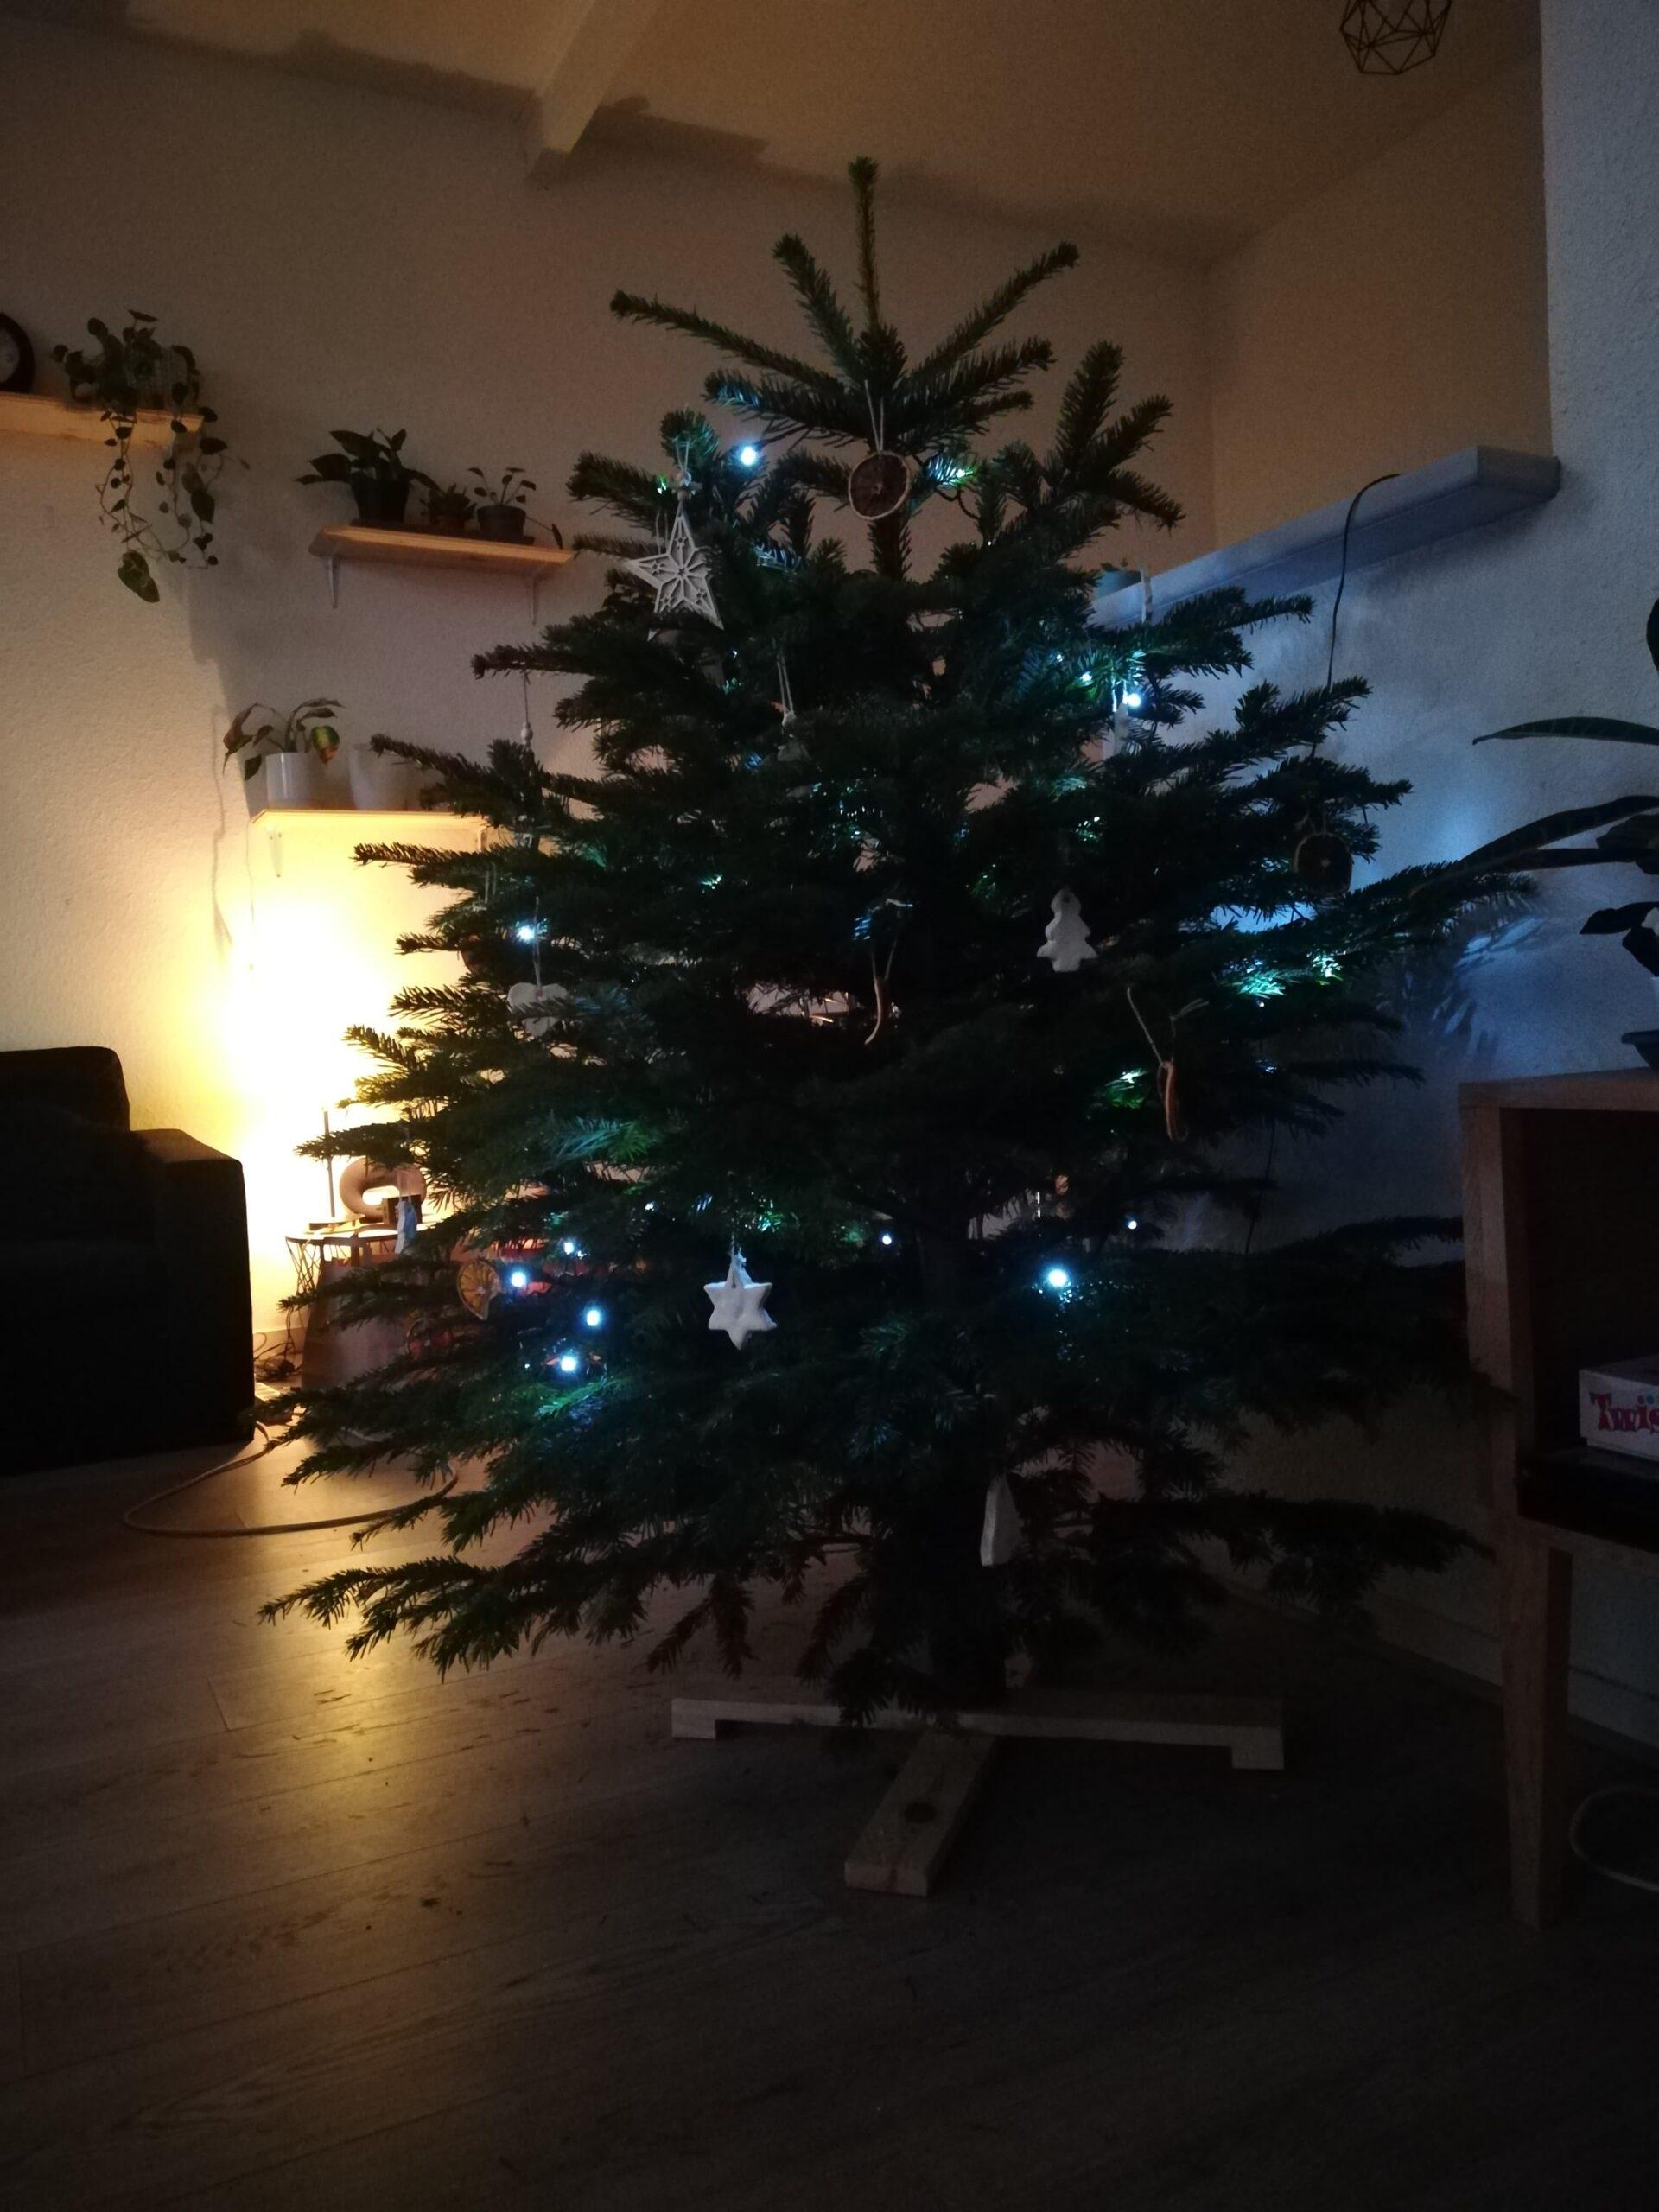 Un sapin de Noël tout décoré dans un salon avec une lumière tamisée.